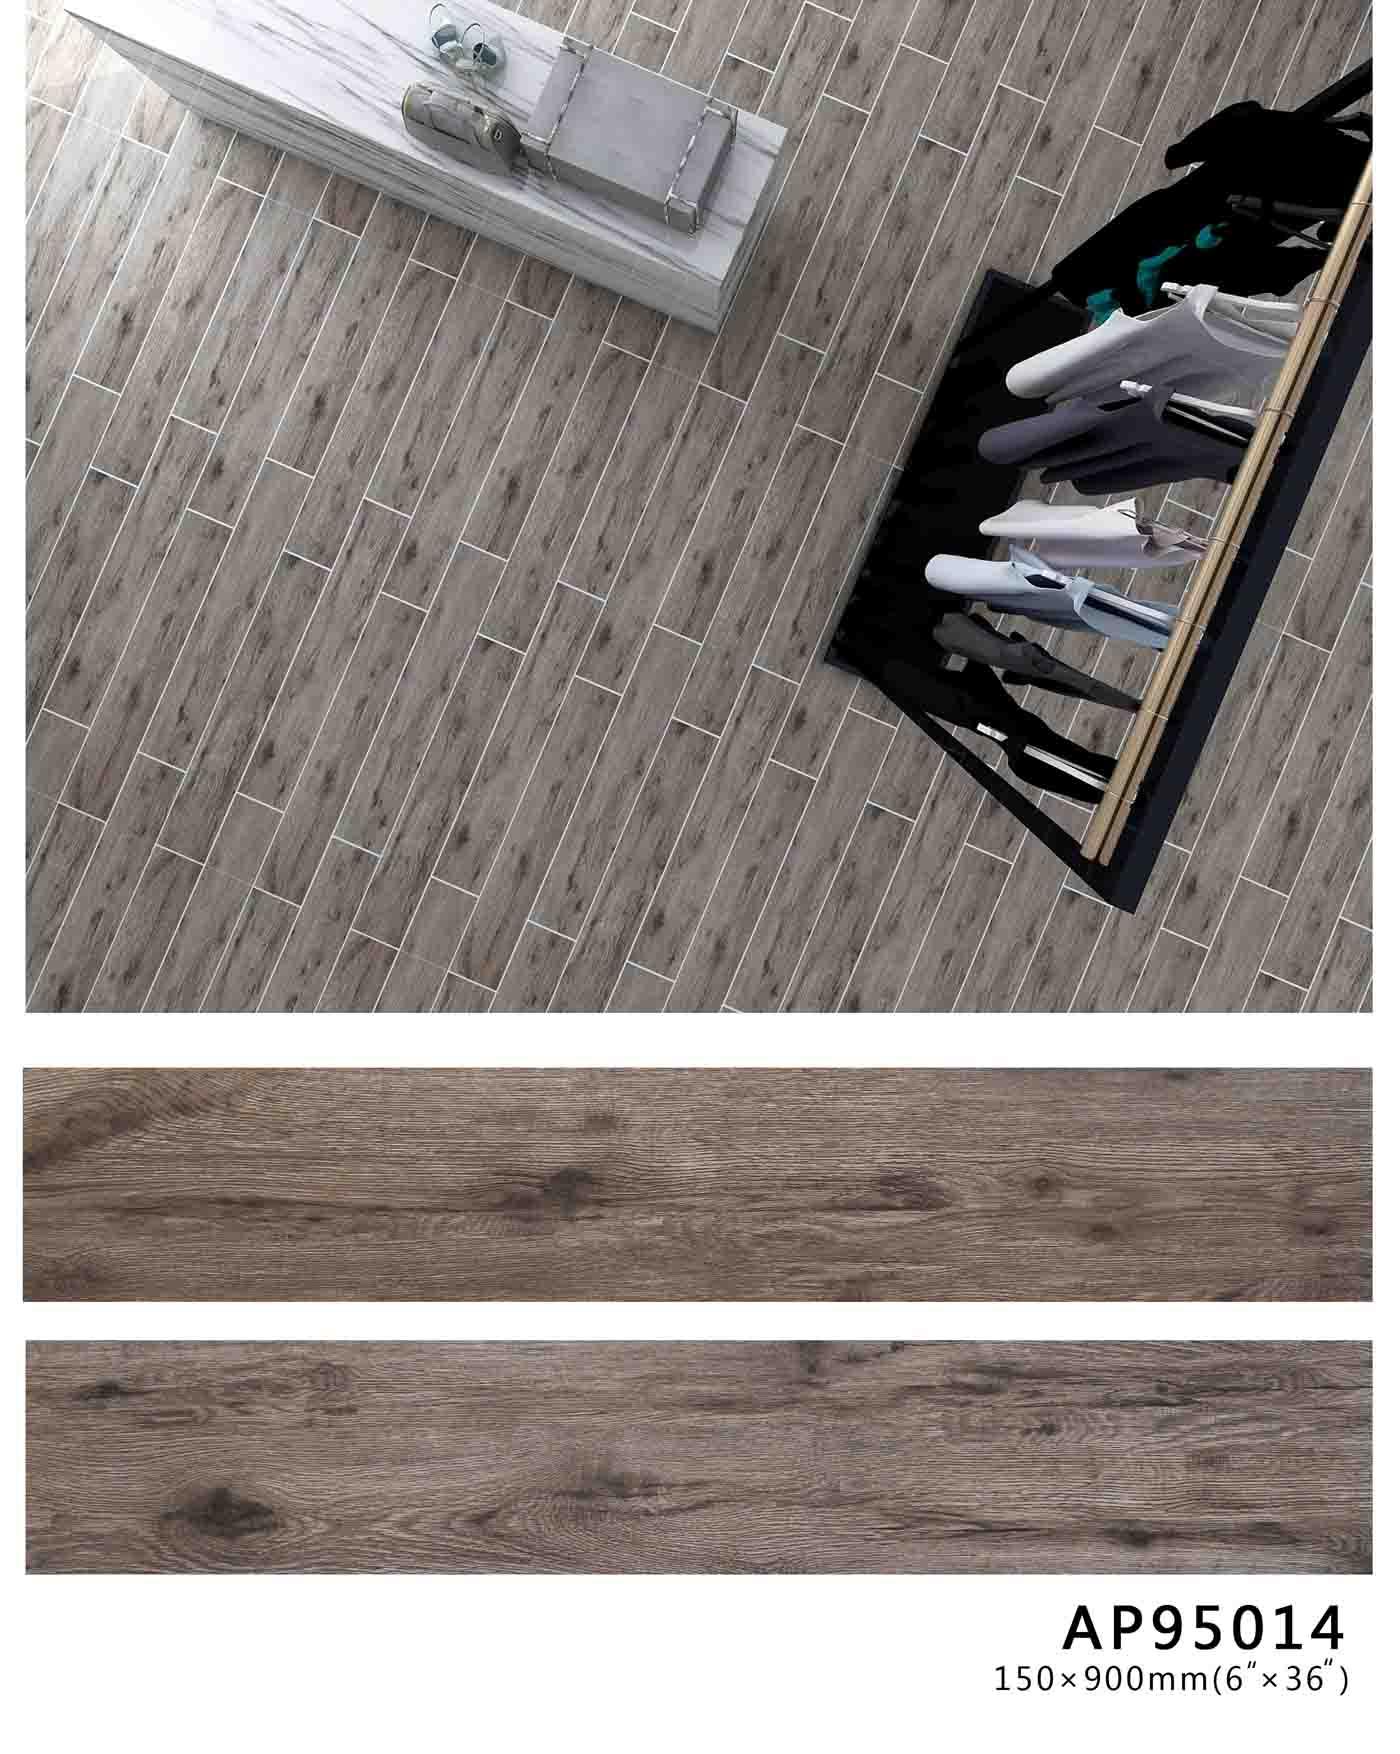 四川木纹瓷砖制造商-字母木纹砖-玉金山陶瓷木纹砖制造商A